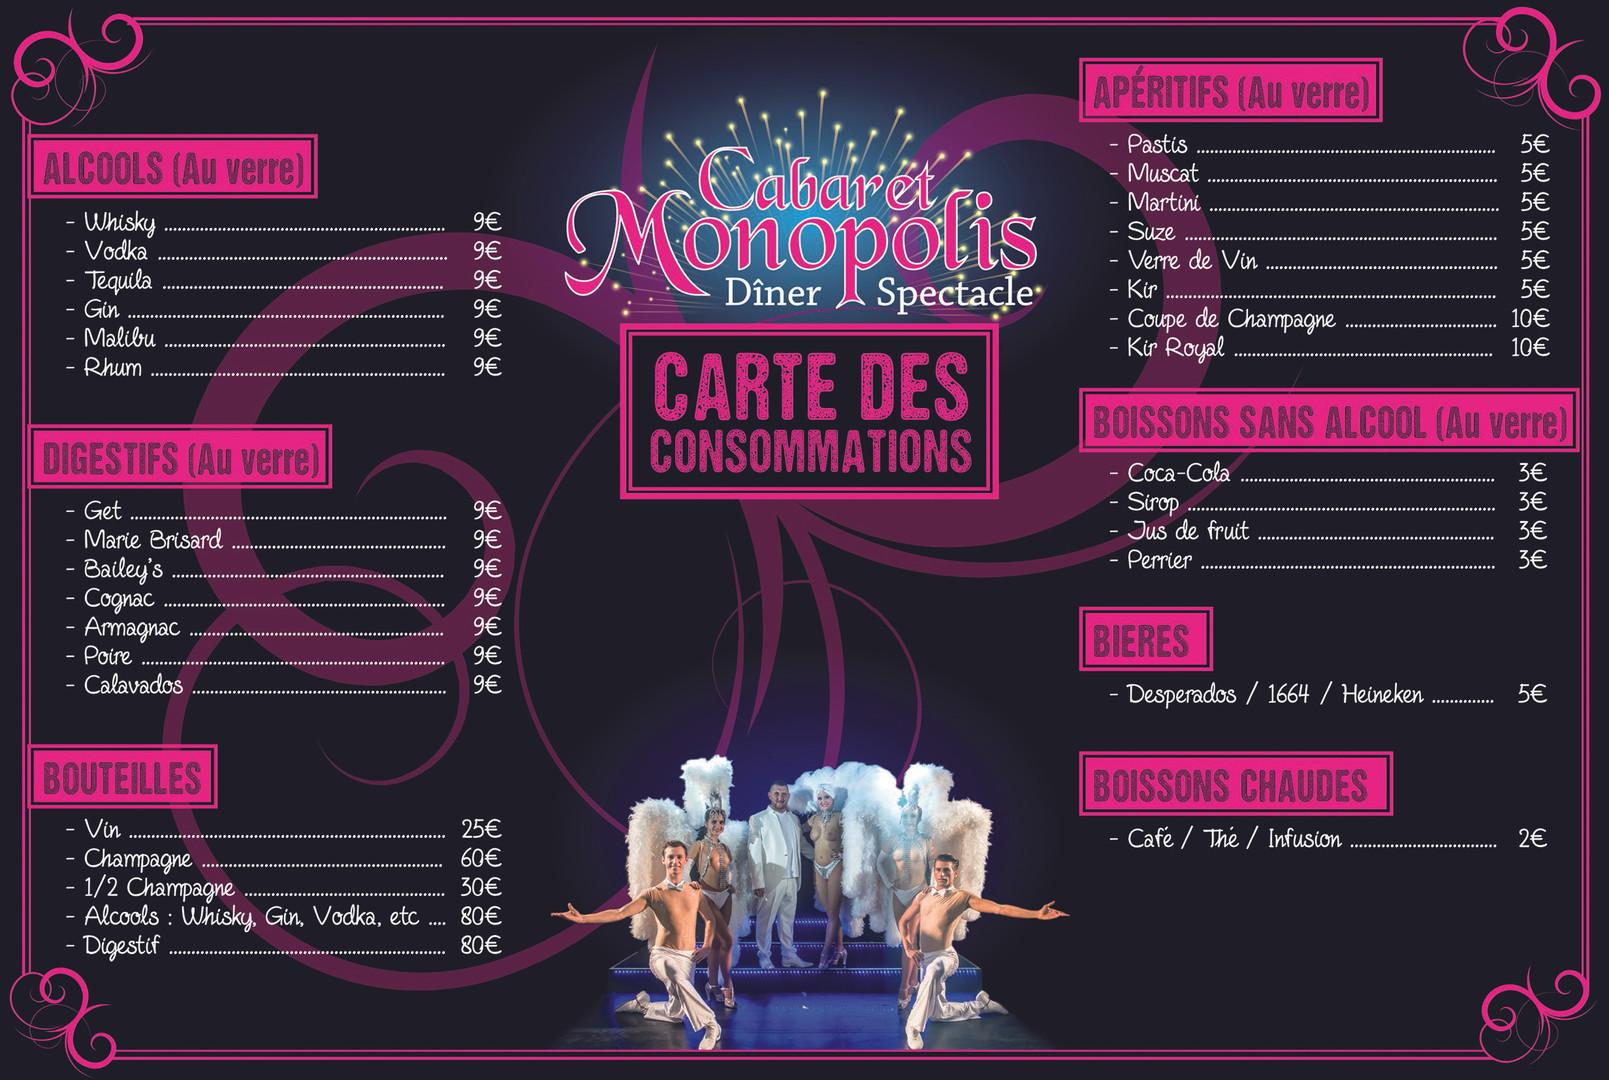 Dépliant A4 3 volets - Monopolis Carte des consommations - Intérieur